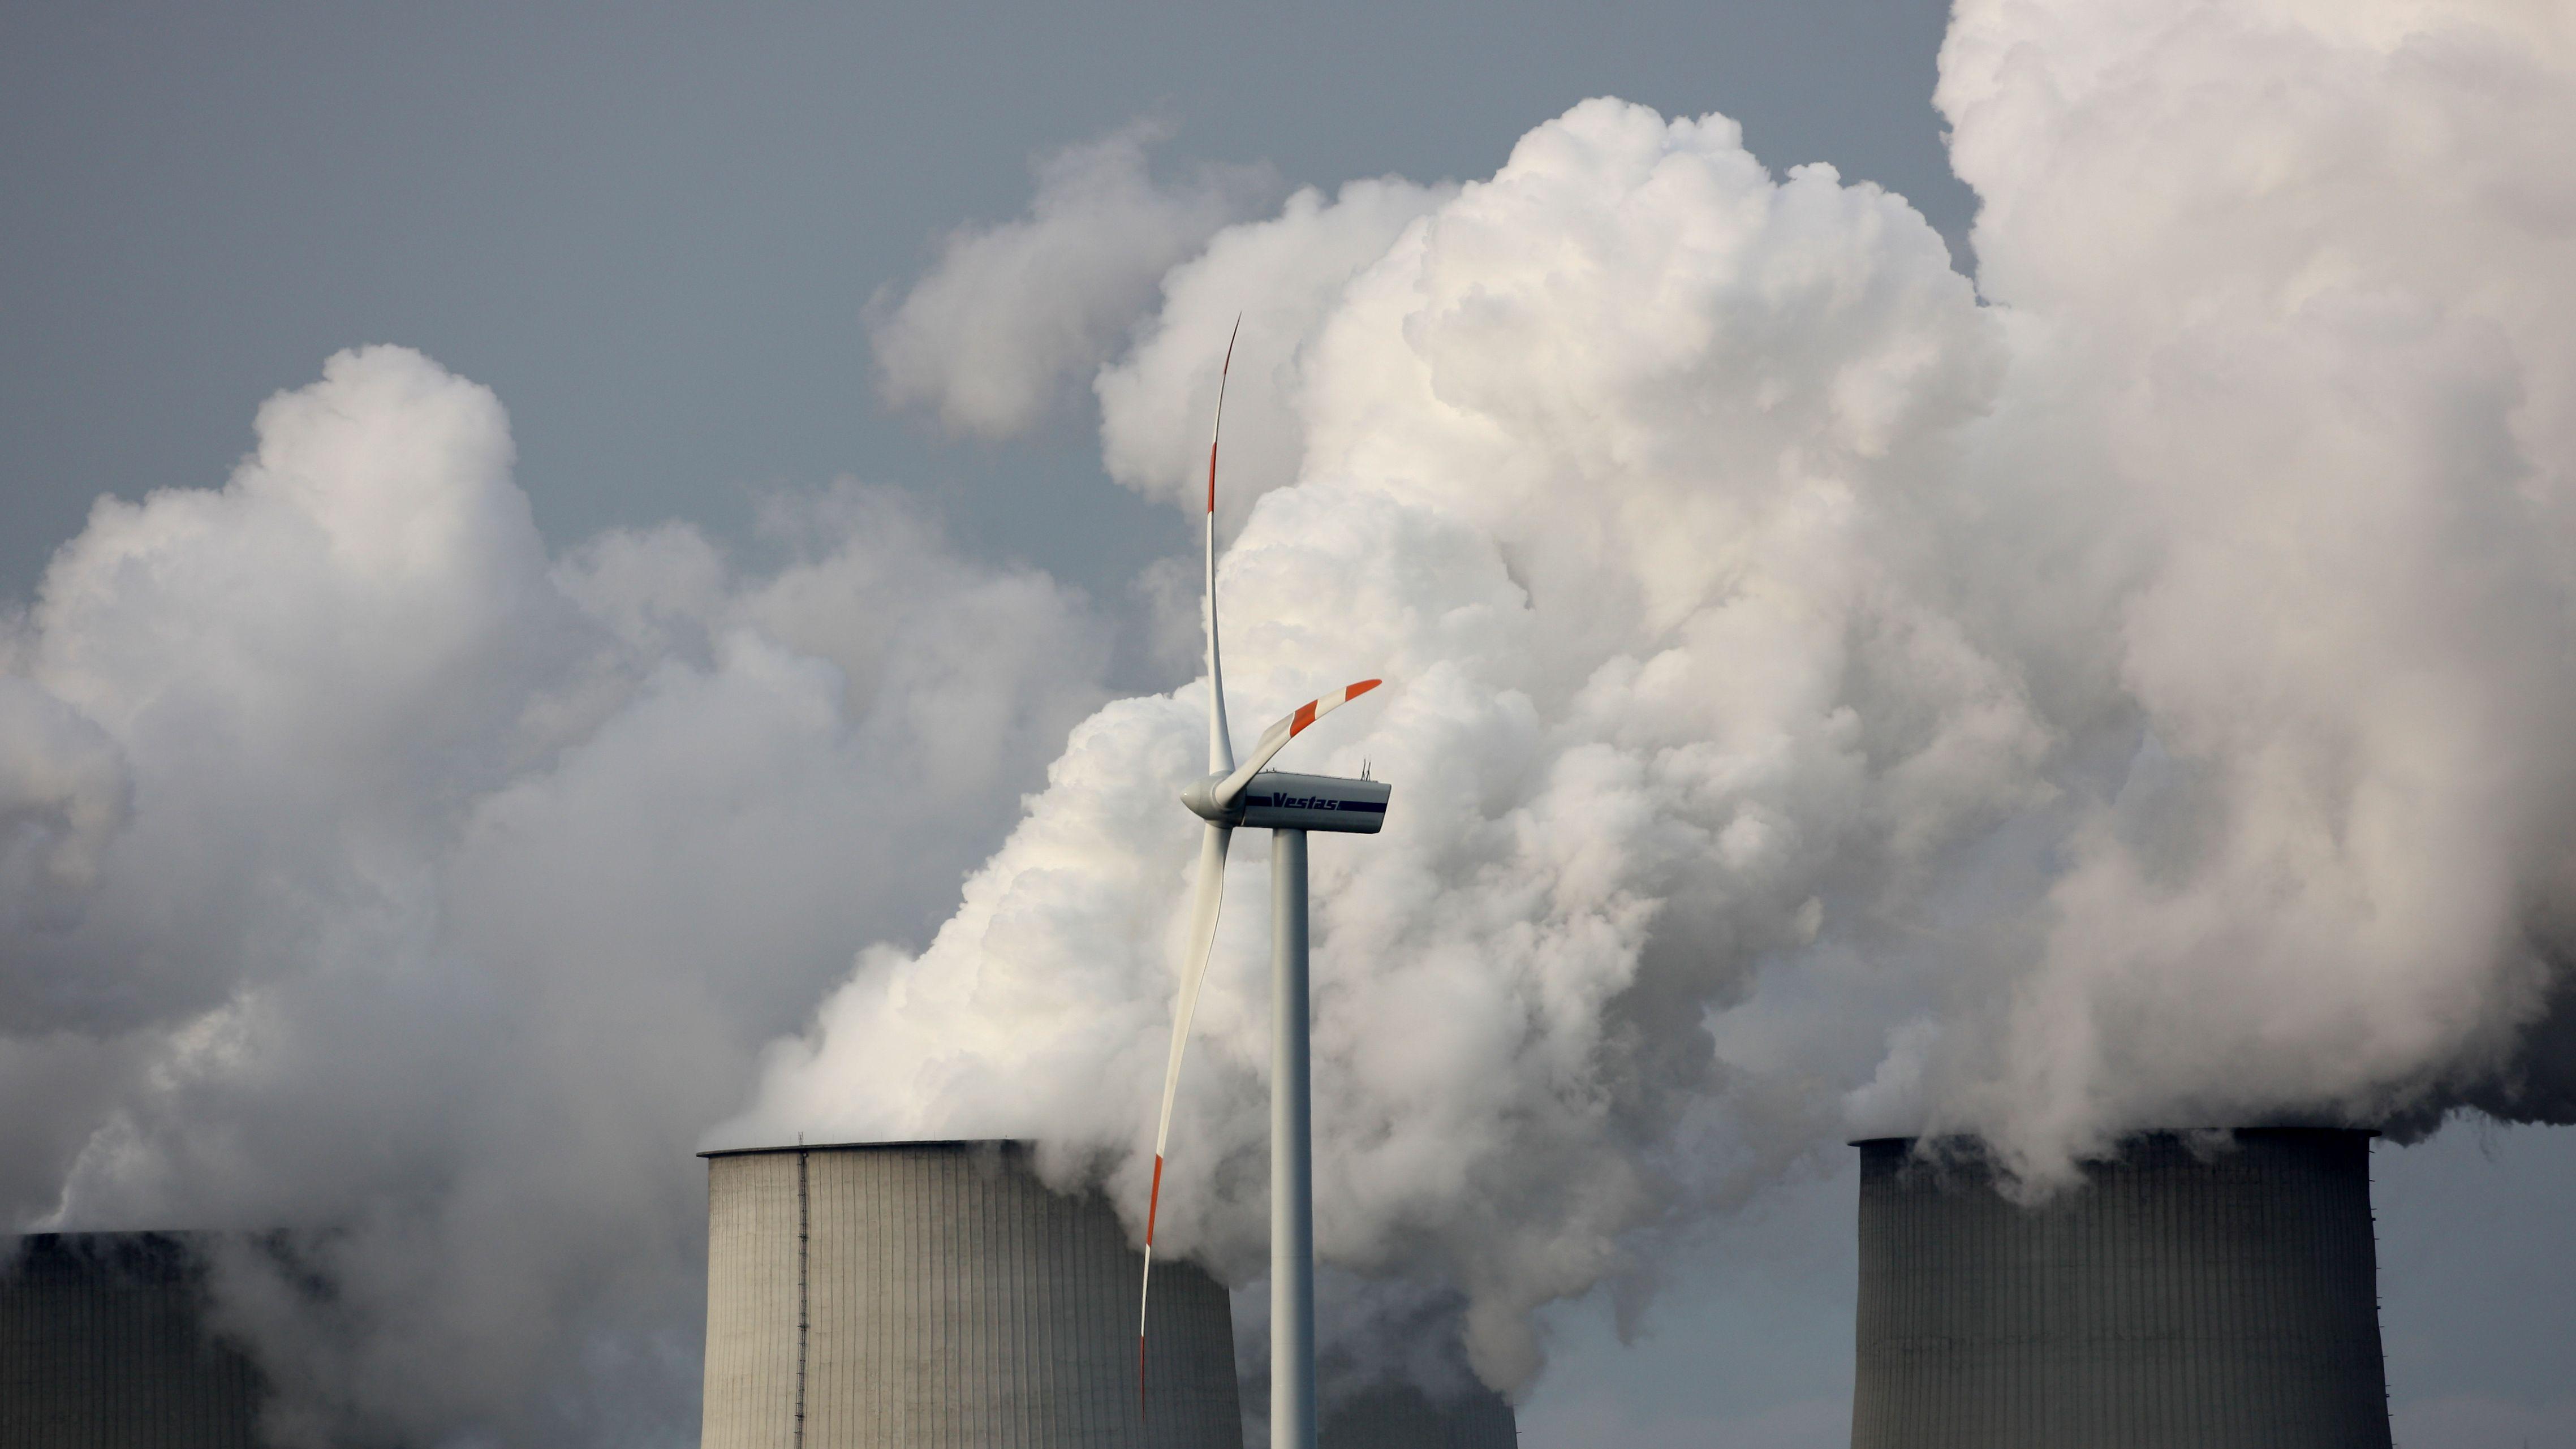 Ein Windrad dreht sich unweit des Vattelfall Braunkohlekraftwerkes im brandenburgischen Jänschwalde vor den Kühltürmen